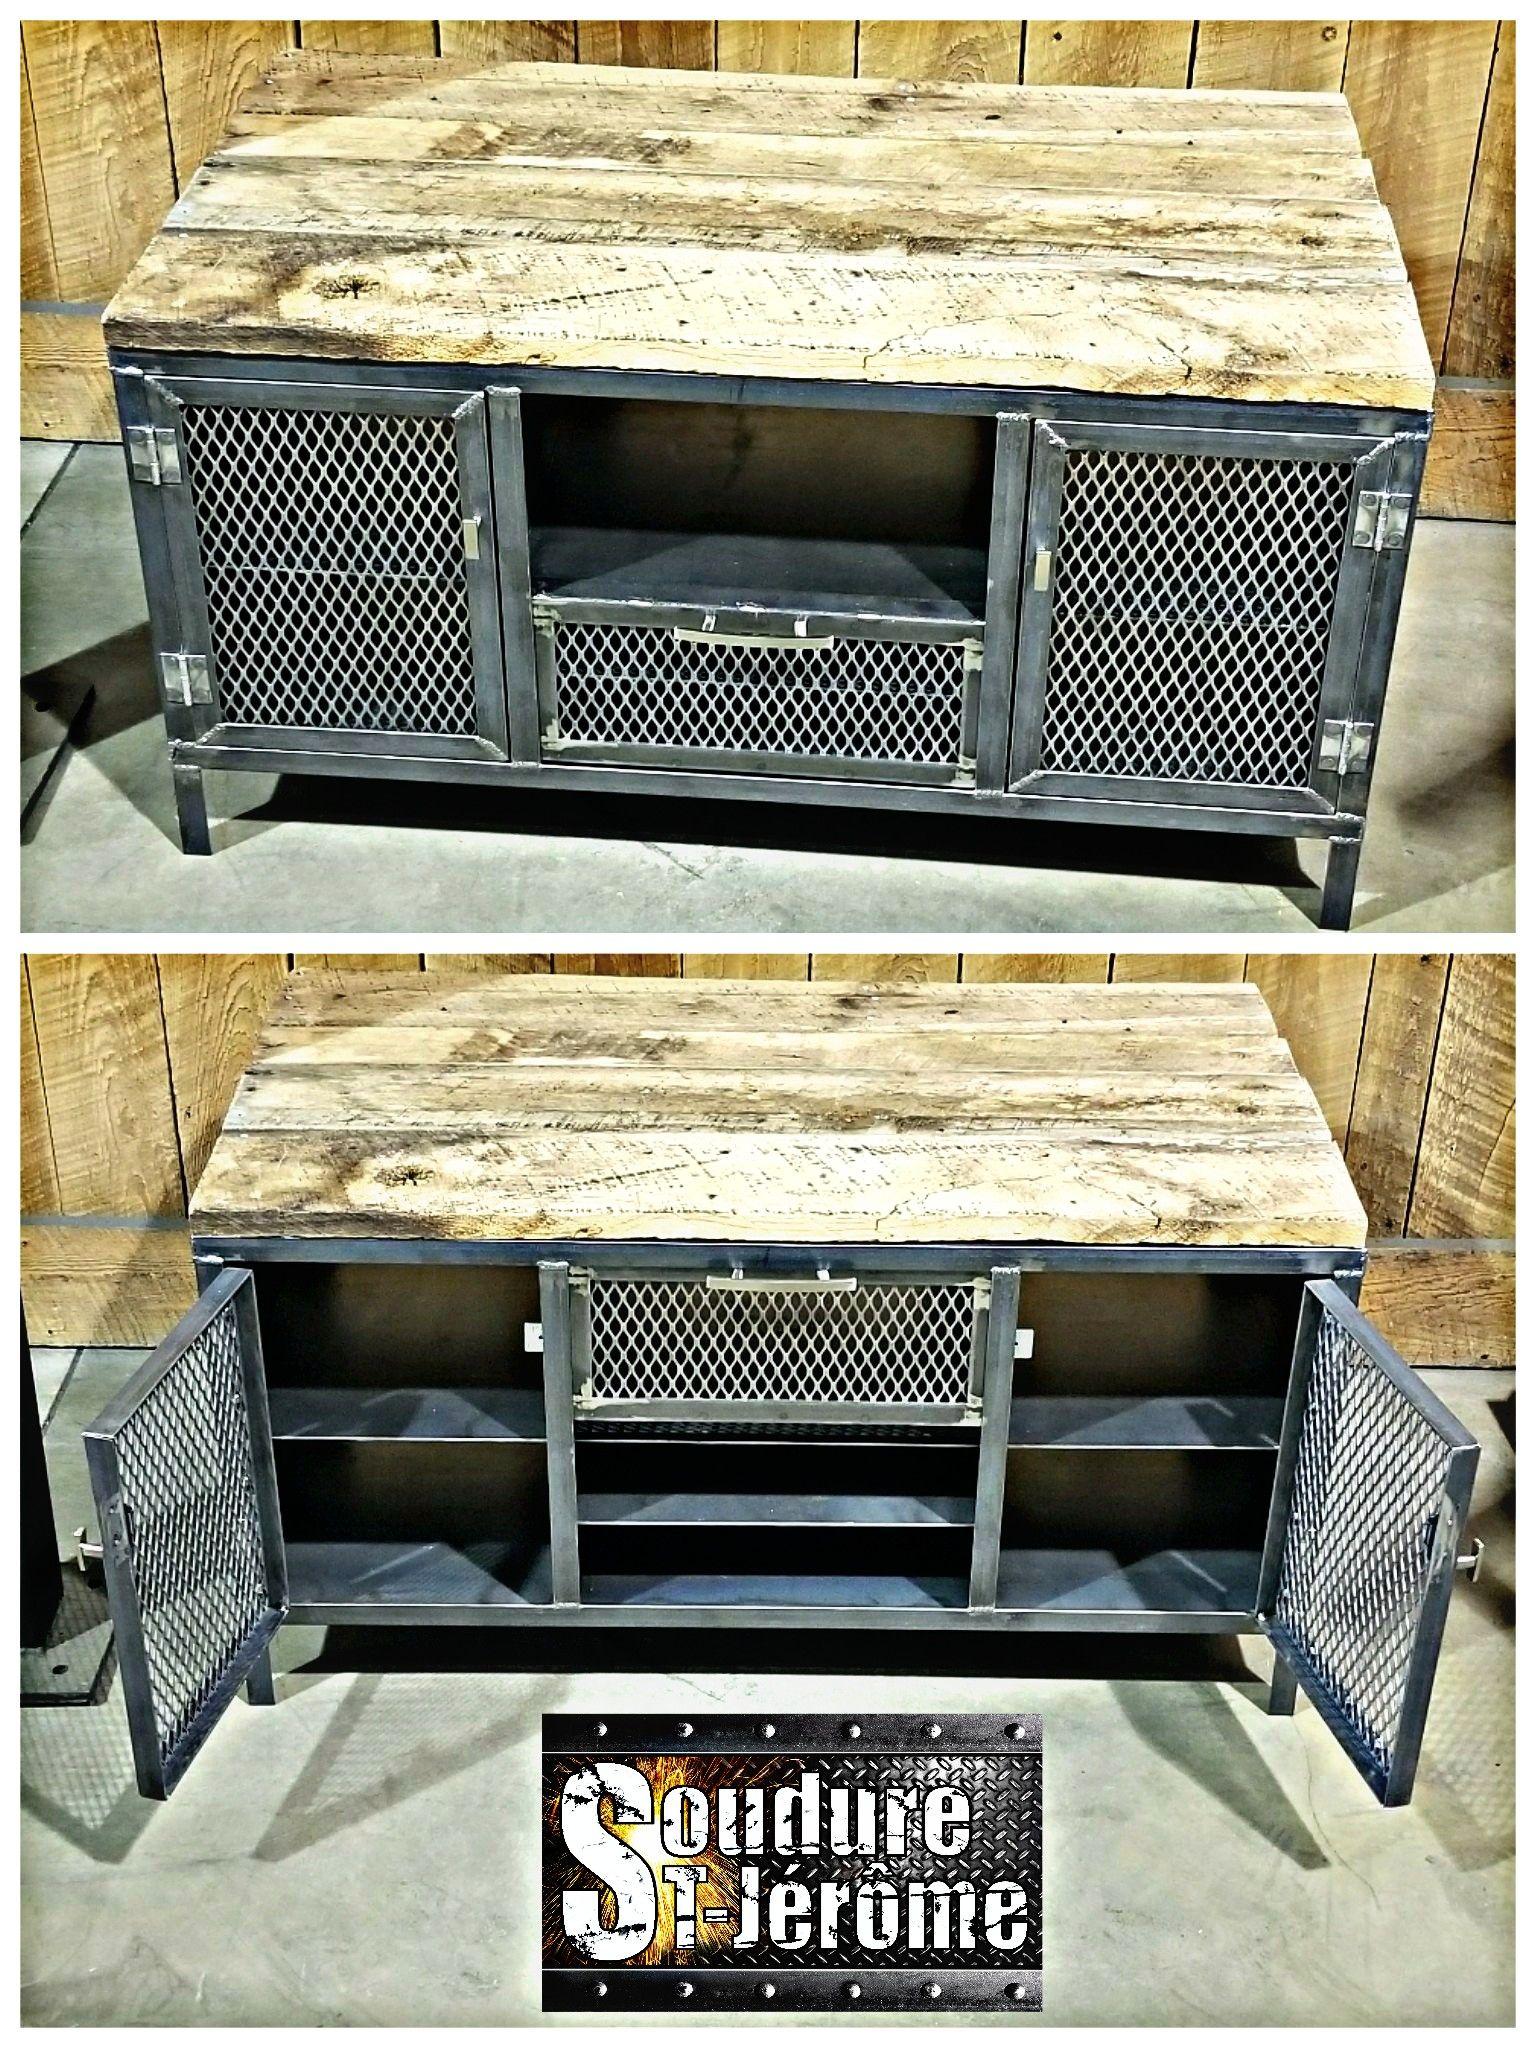 Meuble De Tele Industriel Dessus En Bois Porte Grillagee Porte Coulissante Haut Bas Storage Bench Home Decor Furniture